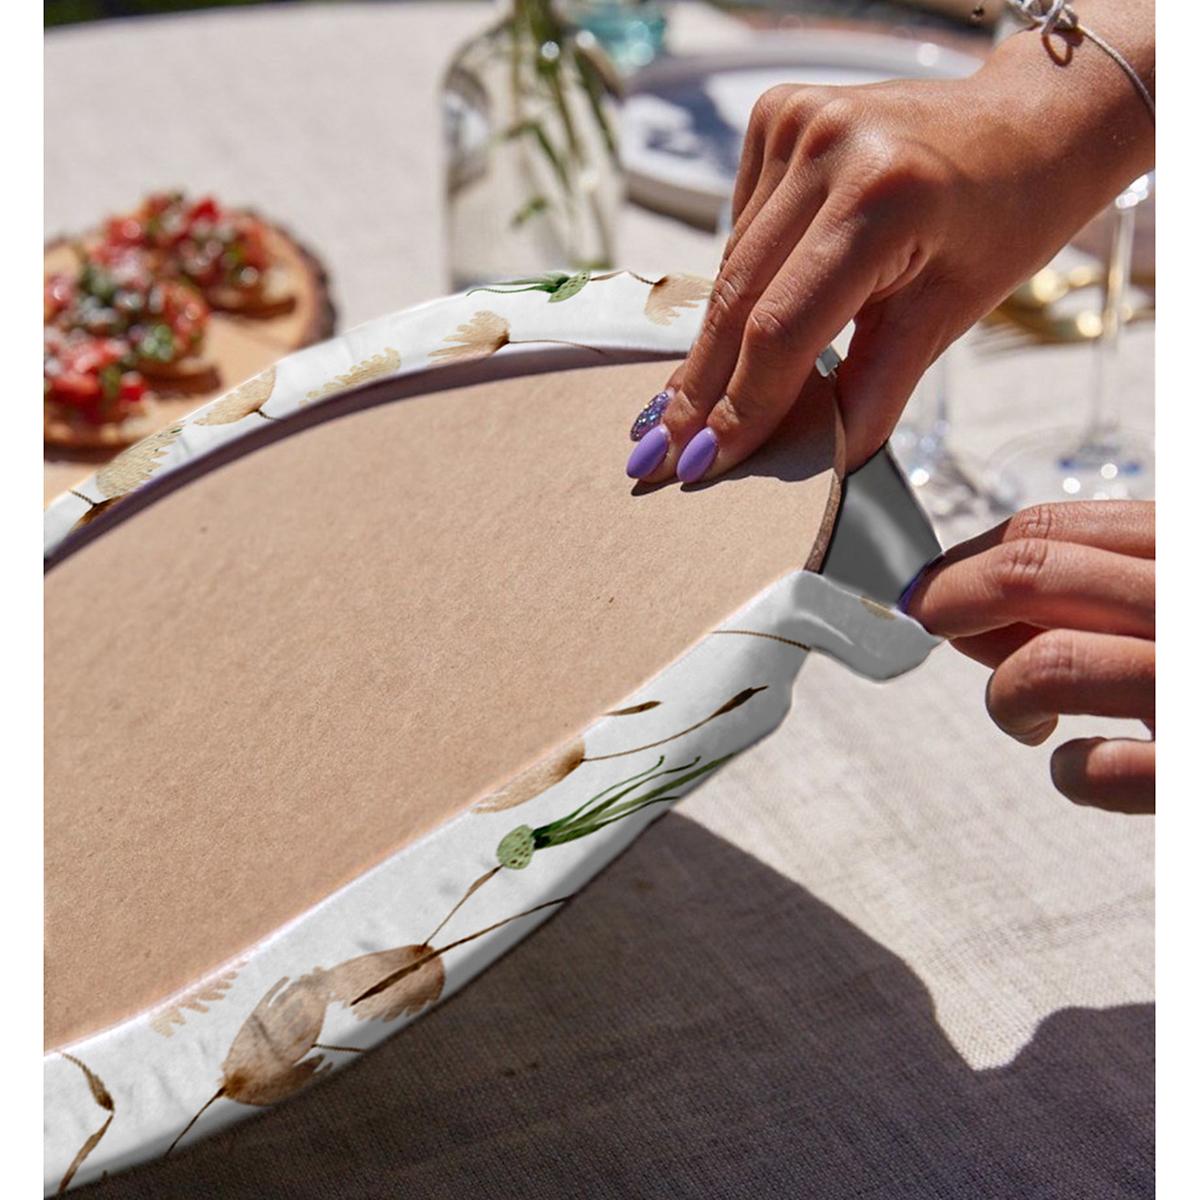 Realhomes Beyaz Zemin Üzerinde Çiçek Desenli Dijital Baskılı Modern 2'li Yuvarlak Servis Altlığı - Supla Realhomes